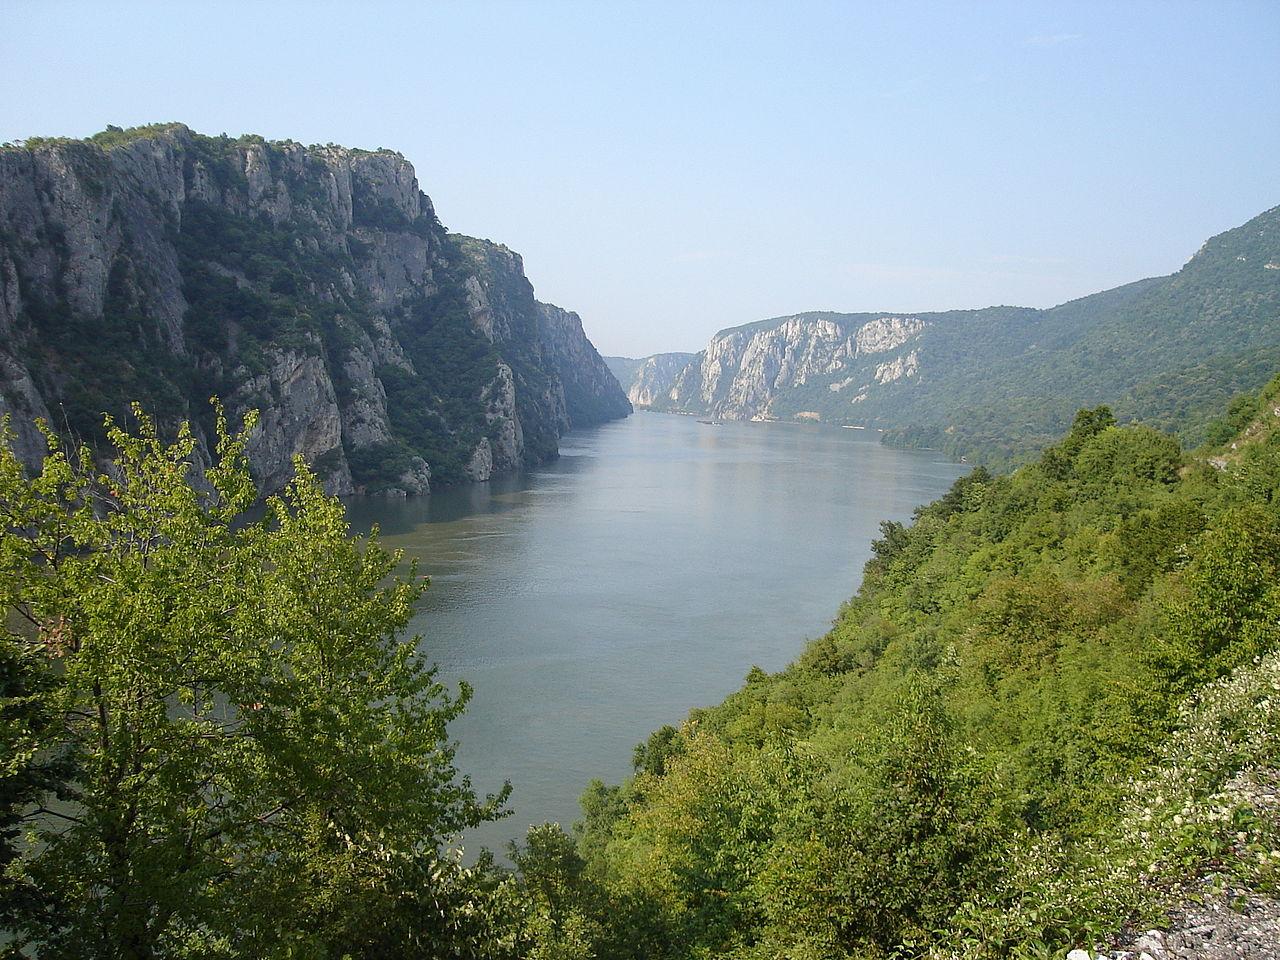 Portes de Fer sur le fleuve Danube, Roumanie